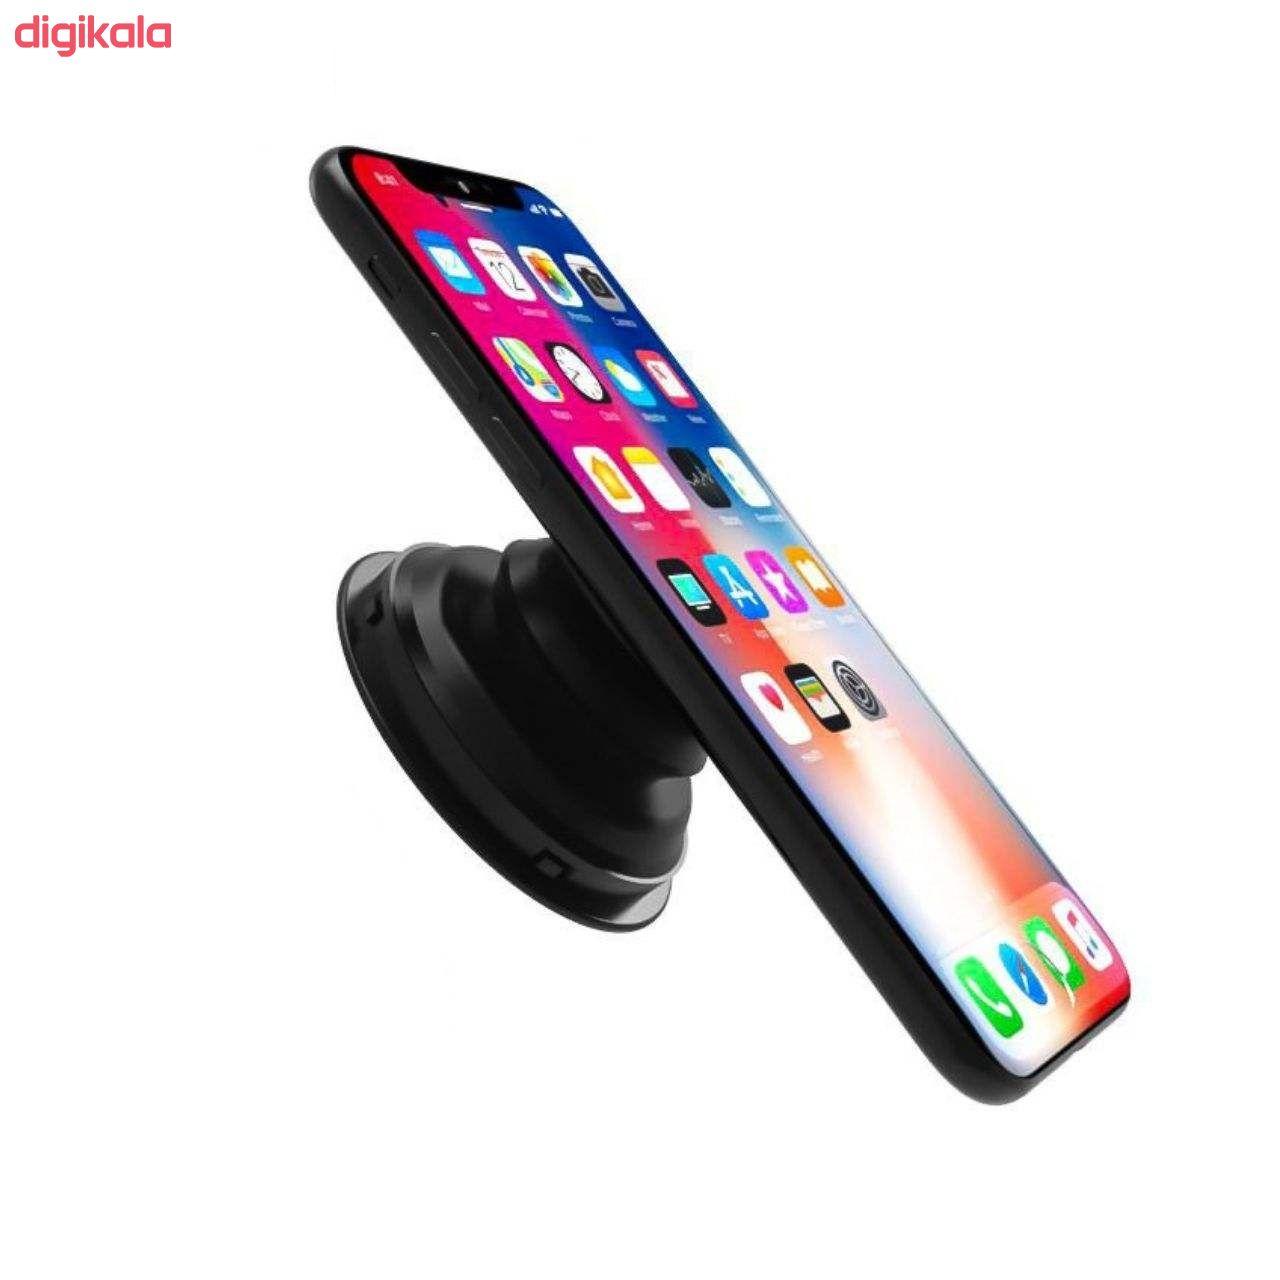 نگهدارنده گوشی موبایل مدل پایه نگهدارنده گوشی موبایل پاپ سوکت مدل F123 main 1 6